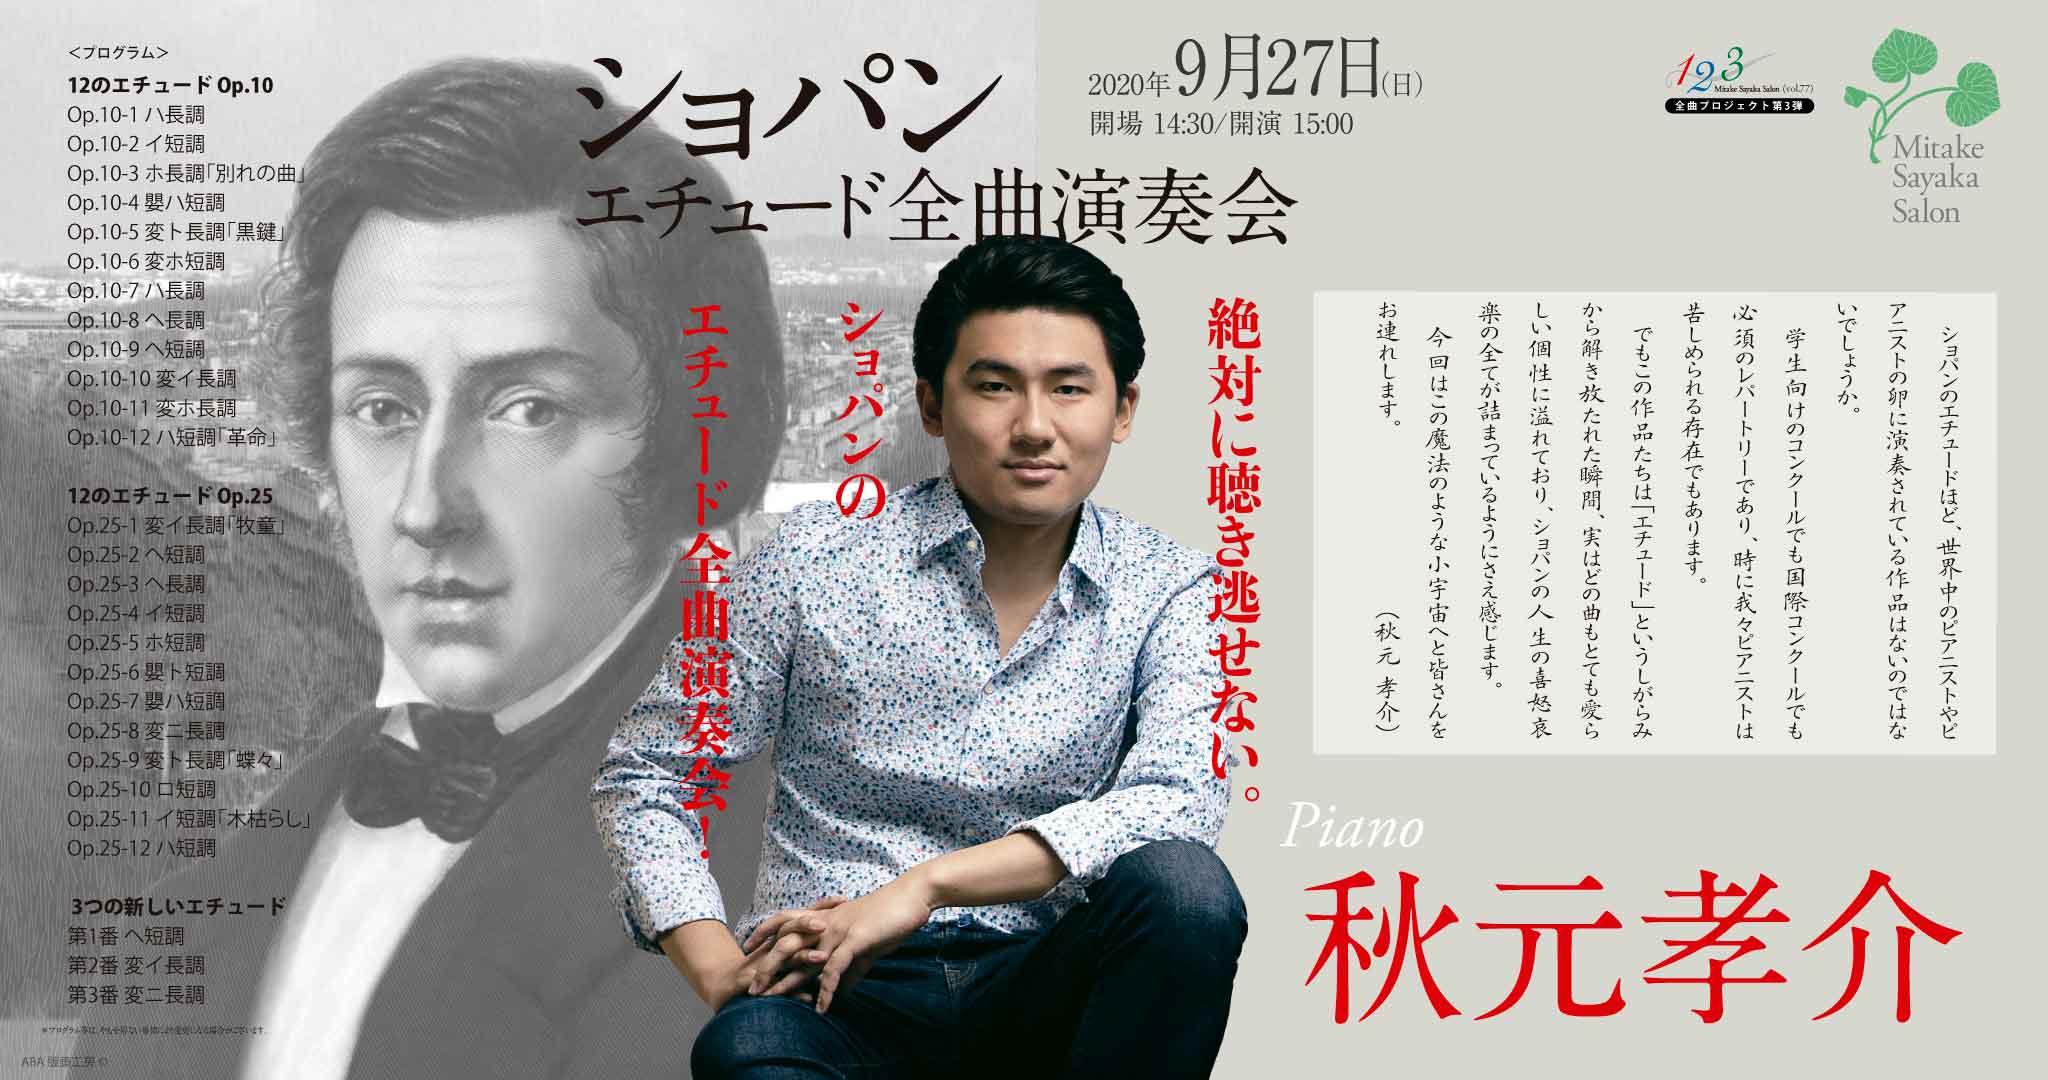 【完売】ショパン エチュード全曲演奏会 Piano 秋元孝介